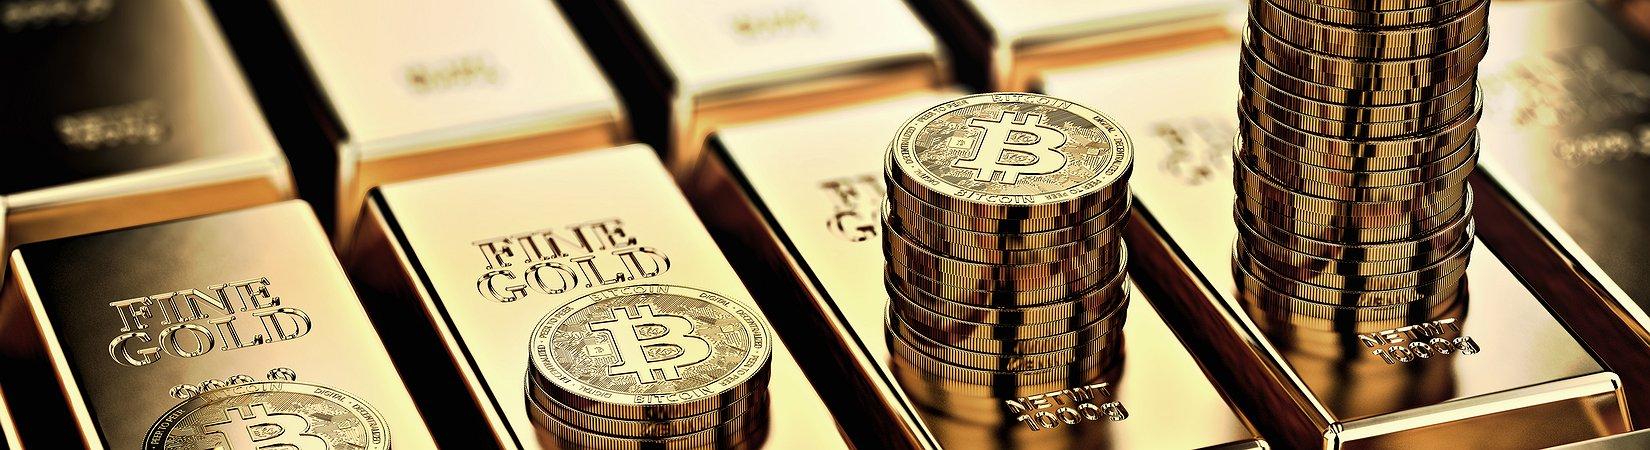 Золото и биткоин: Пора менять одно на другое?